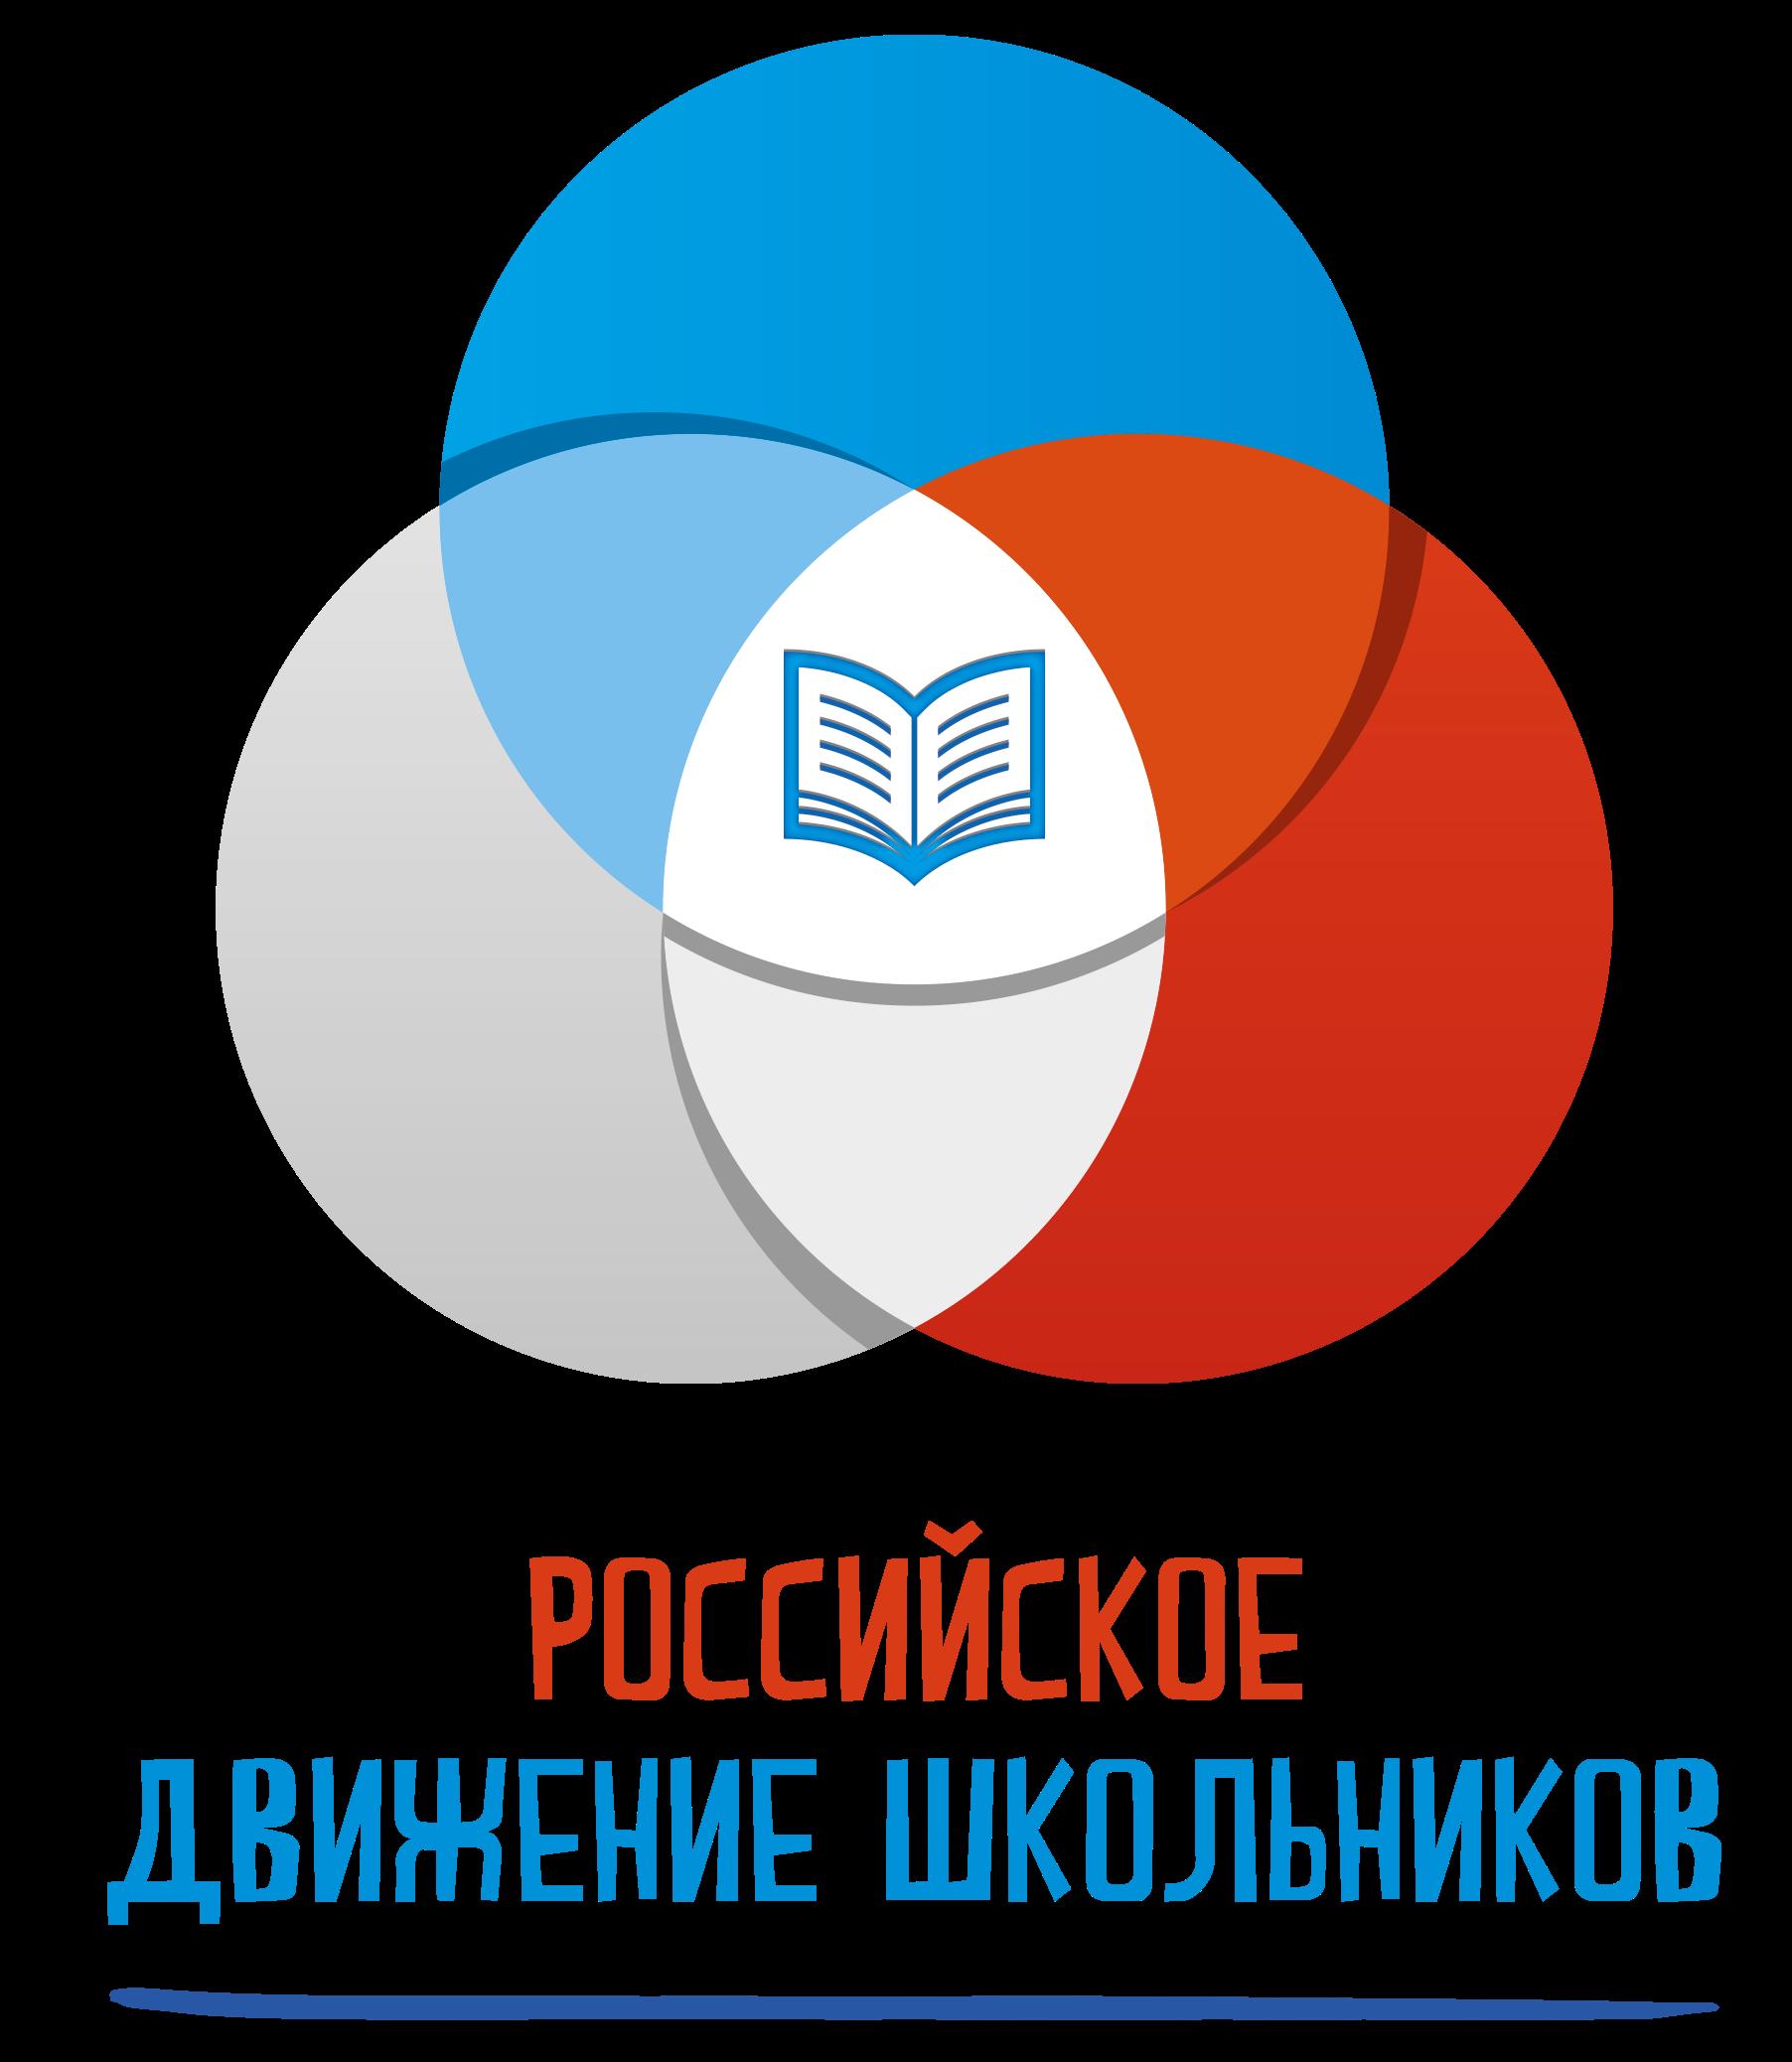 Российское движение школьников — Википедия